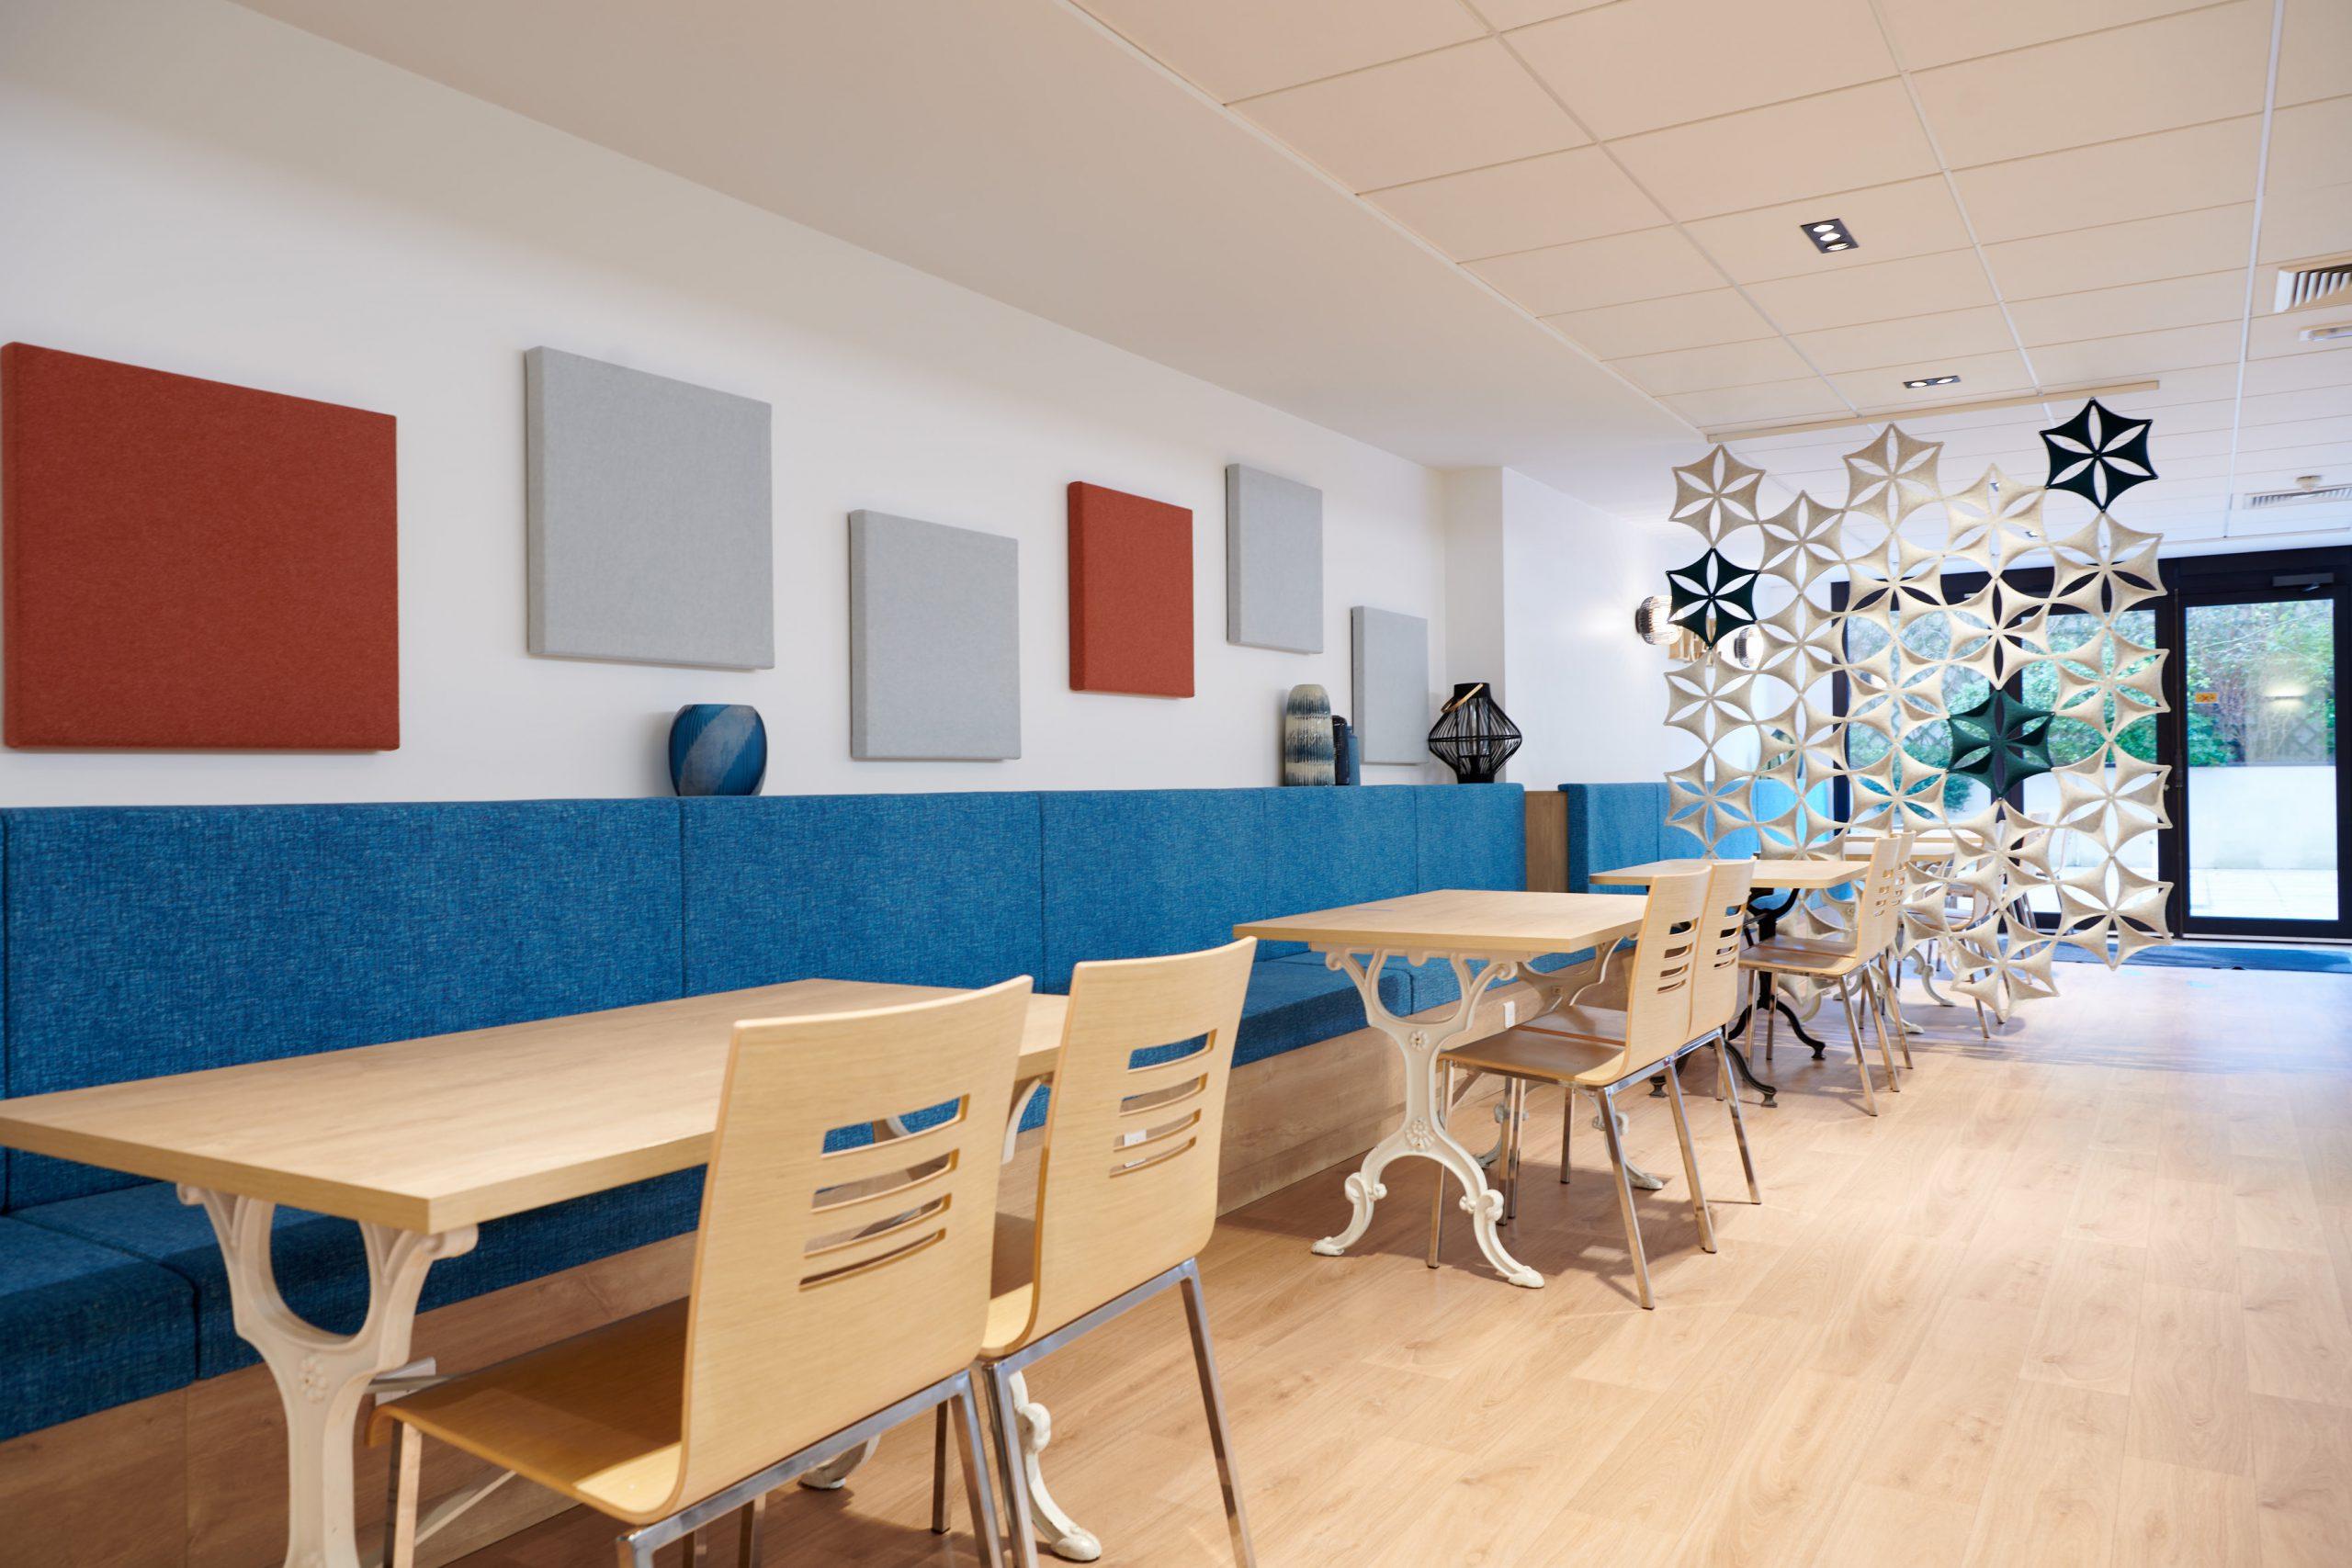 Sogasi-Banquette sur mesure-panneaux acoustiques-restaurant entreprise